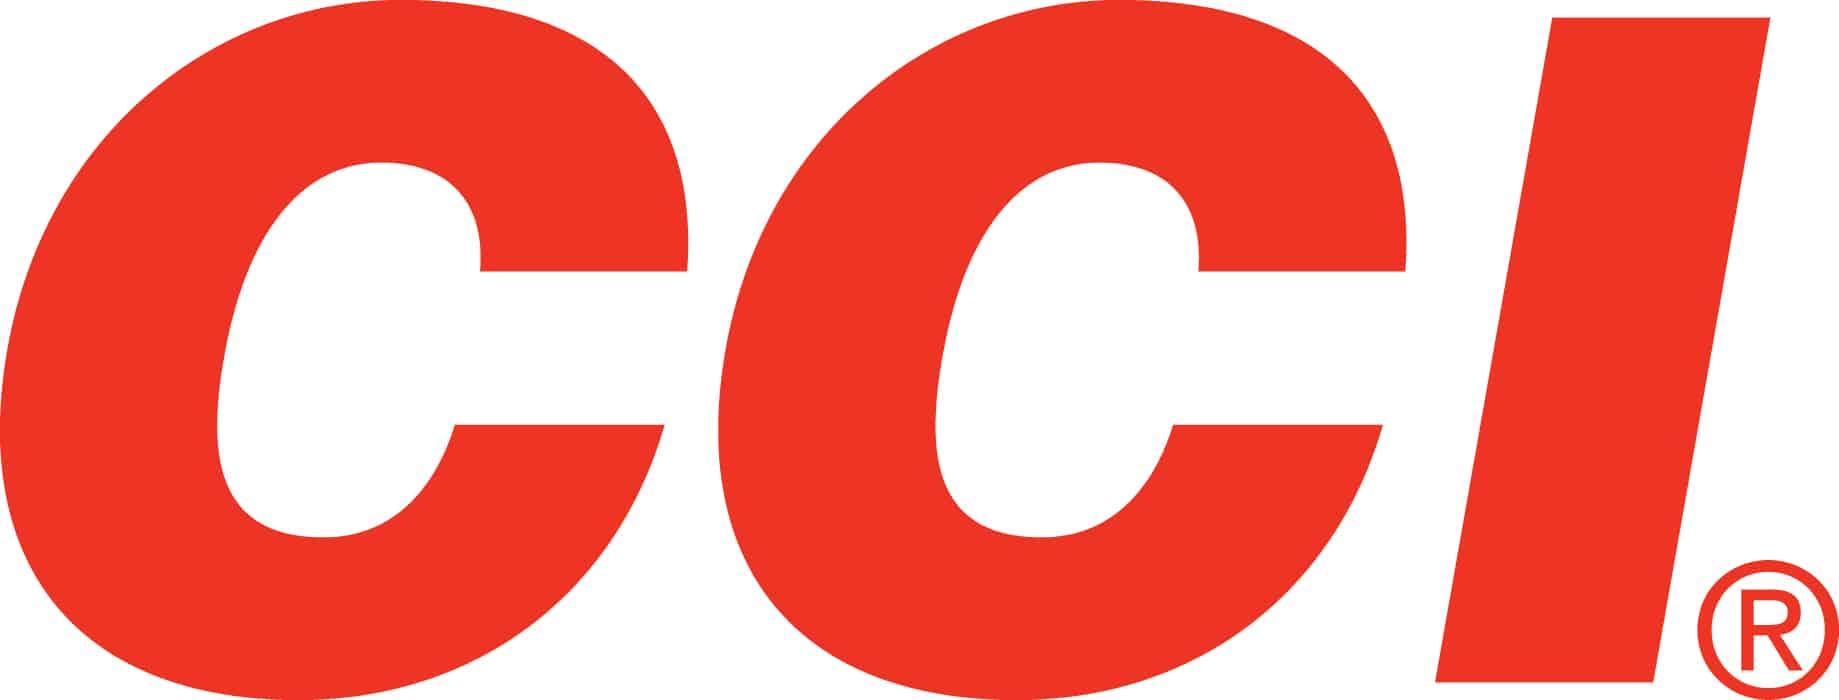 Markenseite der Firma: CCI